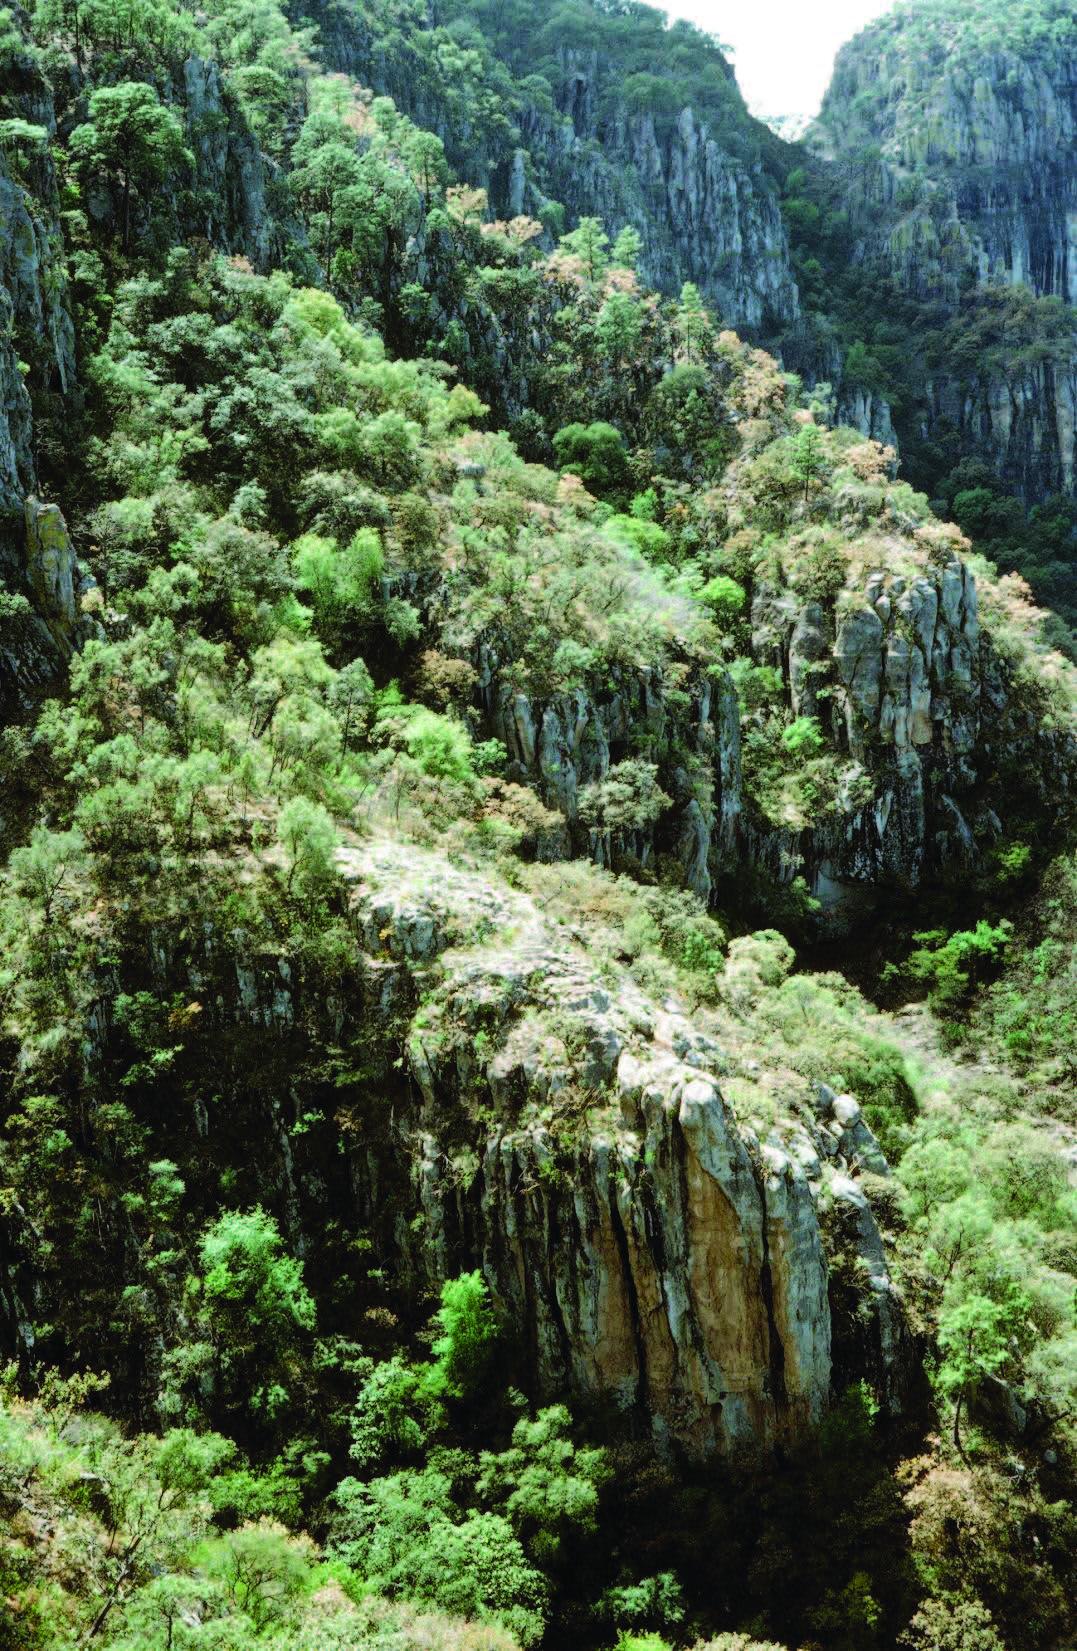 Chiococca-grandiflora-new-mexico